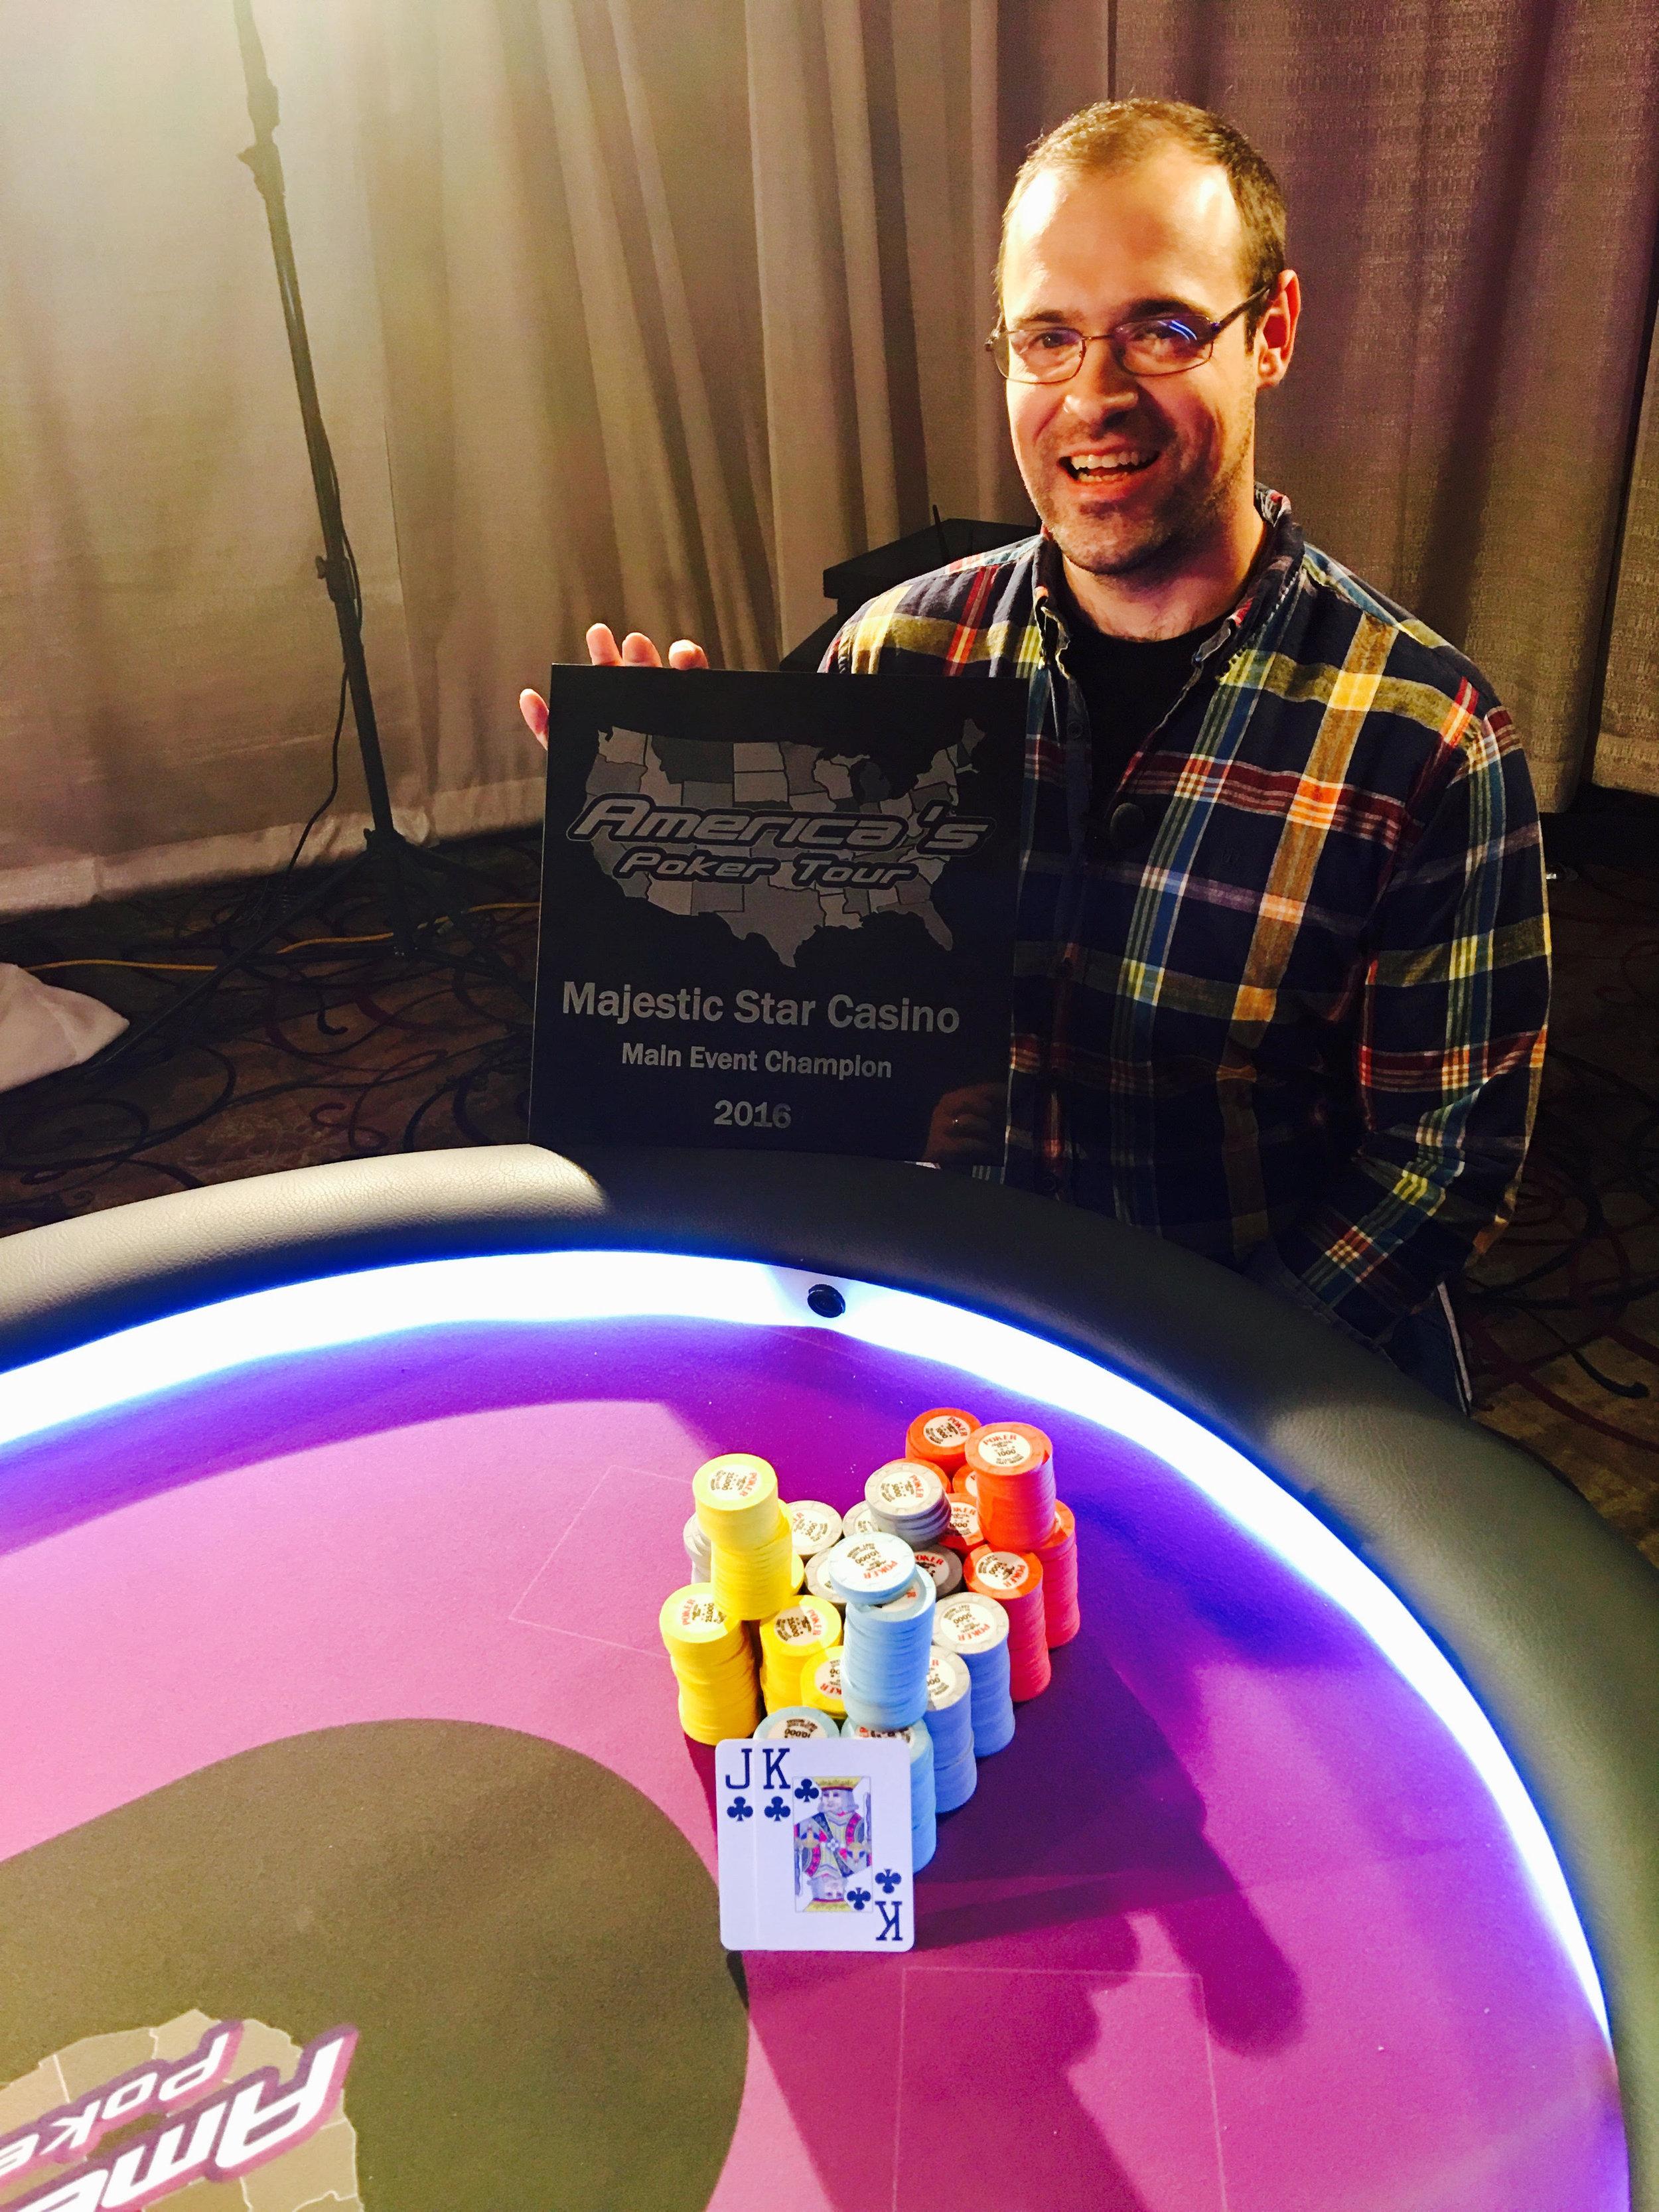 Majestic Star Casino Champion Alex Ziskin